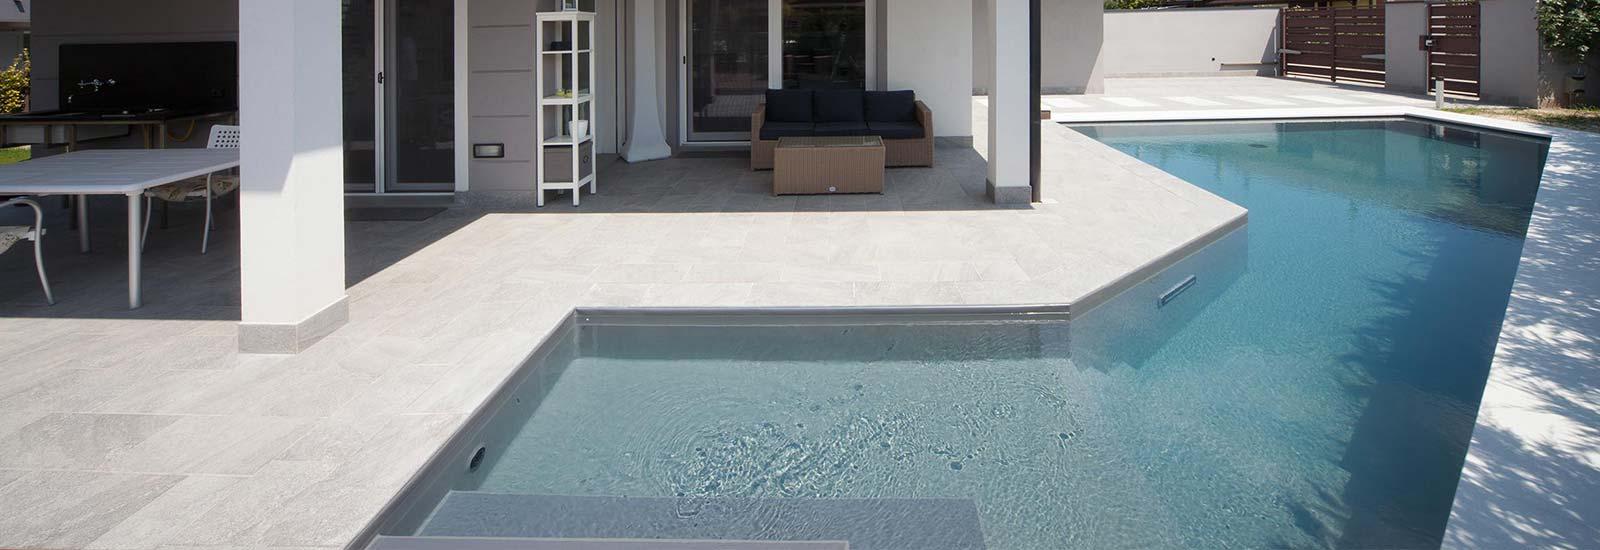 piscina-2-slide